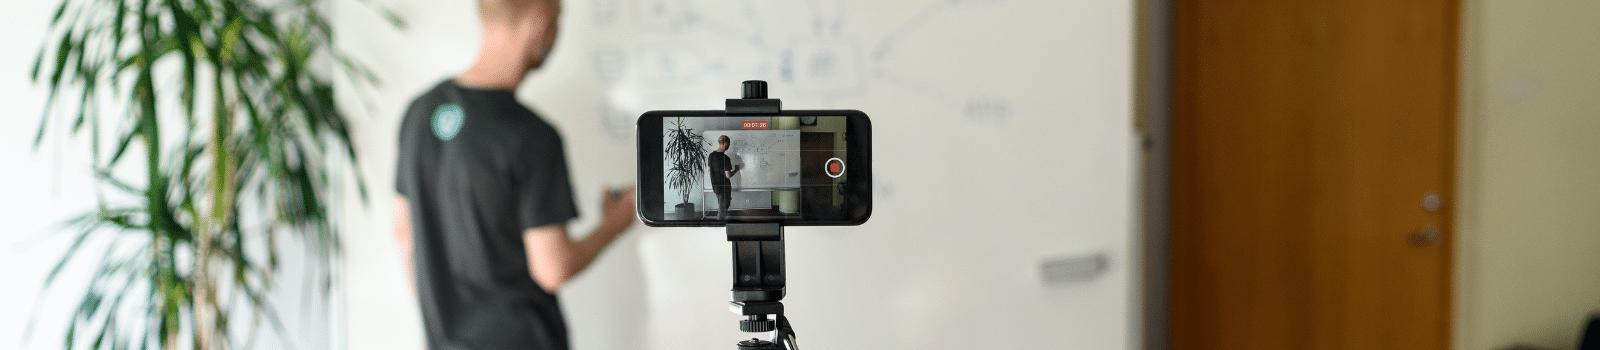 Male teacher recording a lesson via a phone